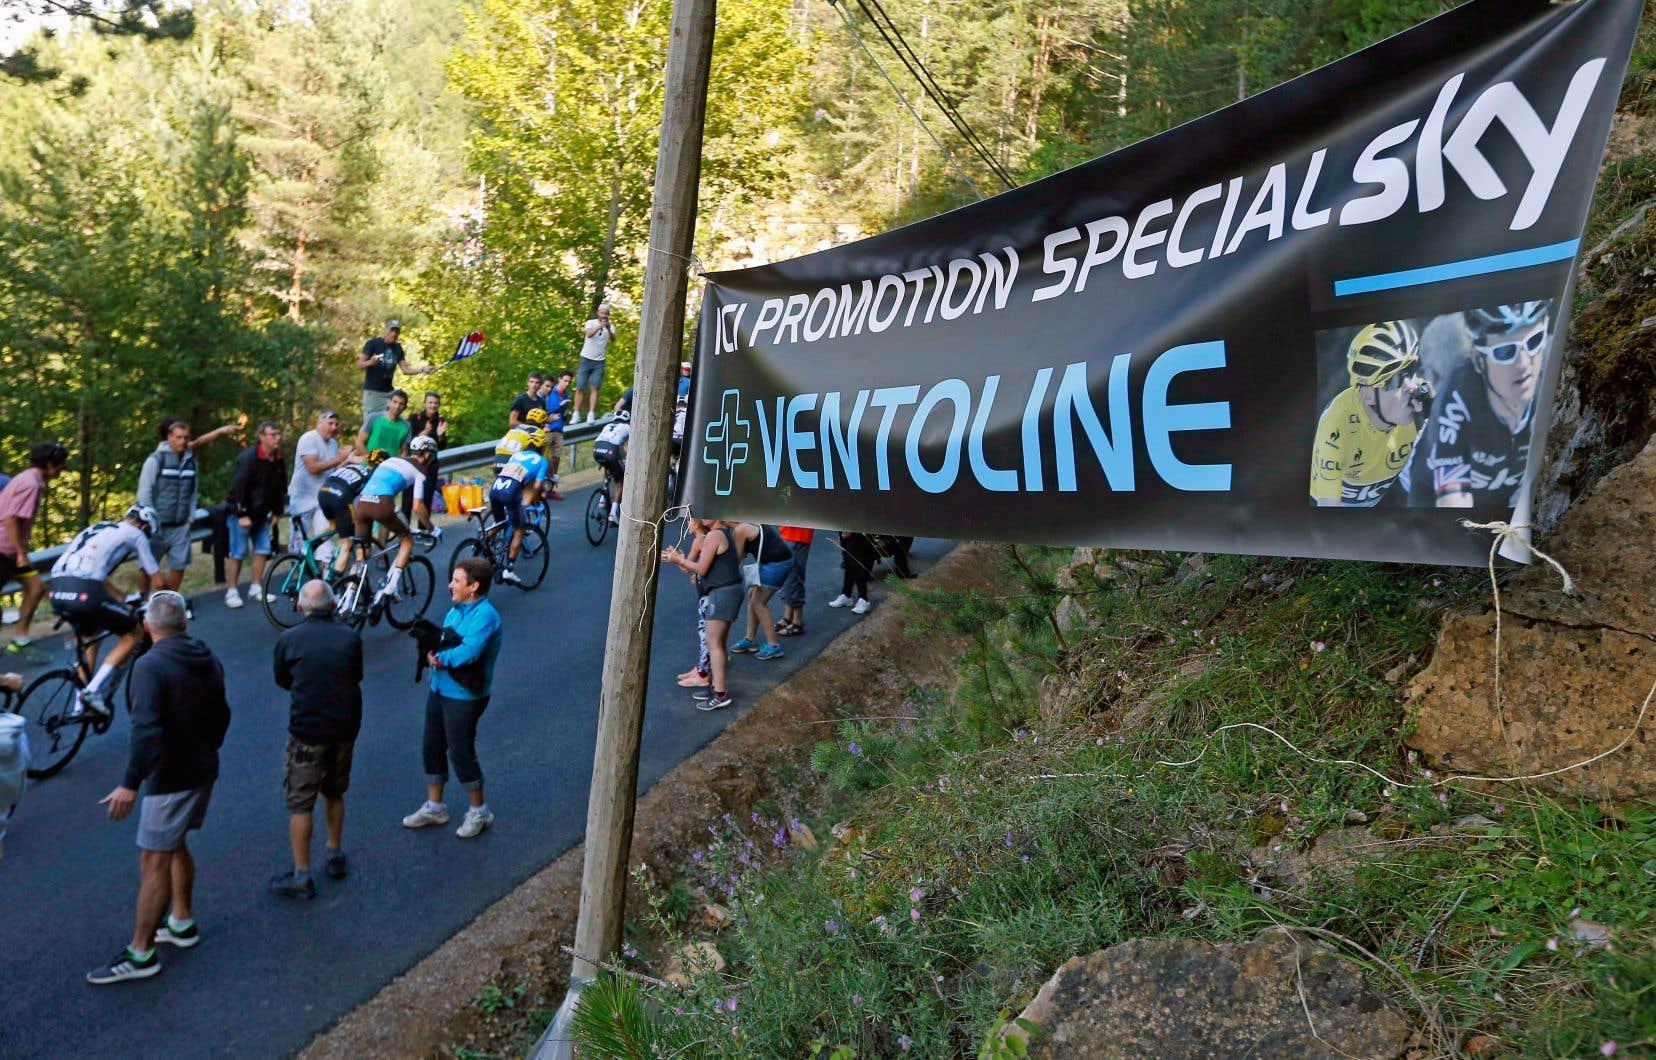 Des spectateurs du Tour de France accueillent les Britannique Chris Froome et Geraint Thomas en offrant du Ventoline à rabais à l'équipe Sky. Froome a fait l'objet d'allégations selon lesquelles il aurait consommé ce médicament pendant une des épreuve de la compétition.